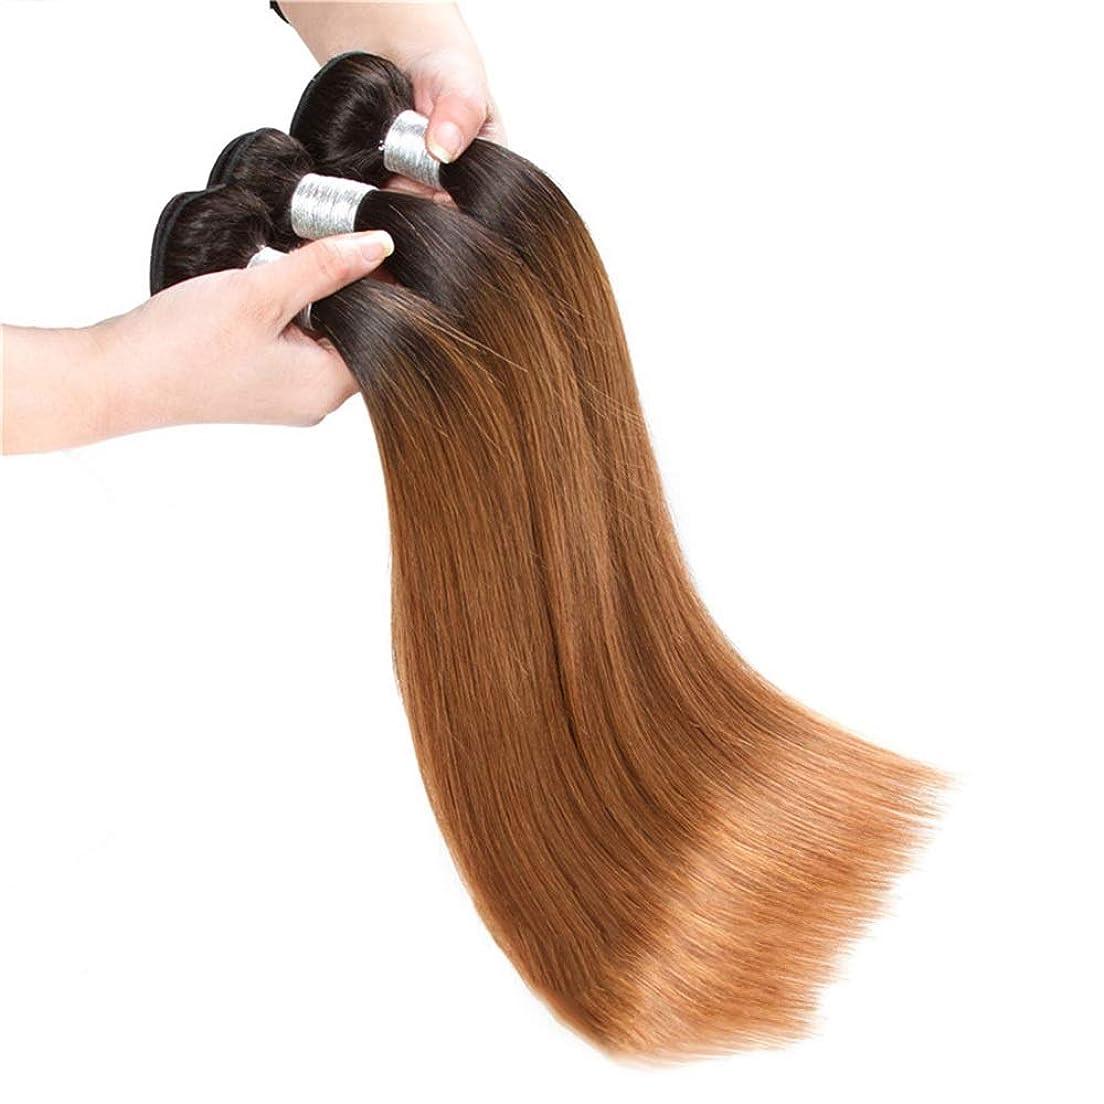 魔女カバーパニックVergeania ブラジルのオンブル髪織りバンドルストレート人間の髪の毛の拡張子 - 1バンドル - 1B / 30ブラックトゥブラウン2トーンカラー(100g / PC)ロングストレートウィッグウィッグ (色 : ブラウン, サイズ : 22 inch)